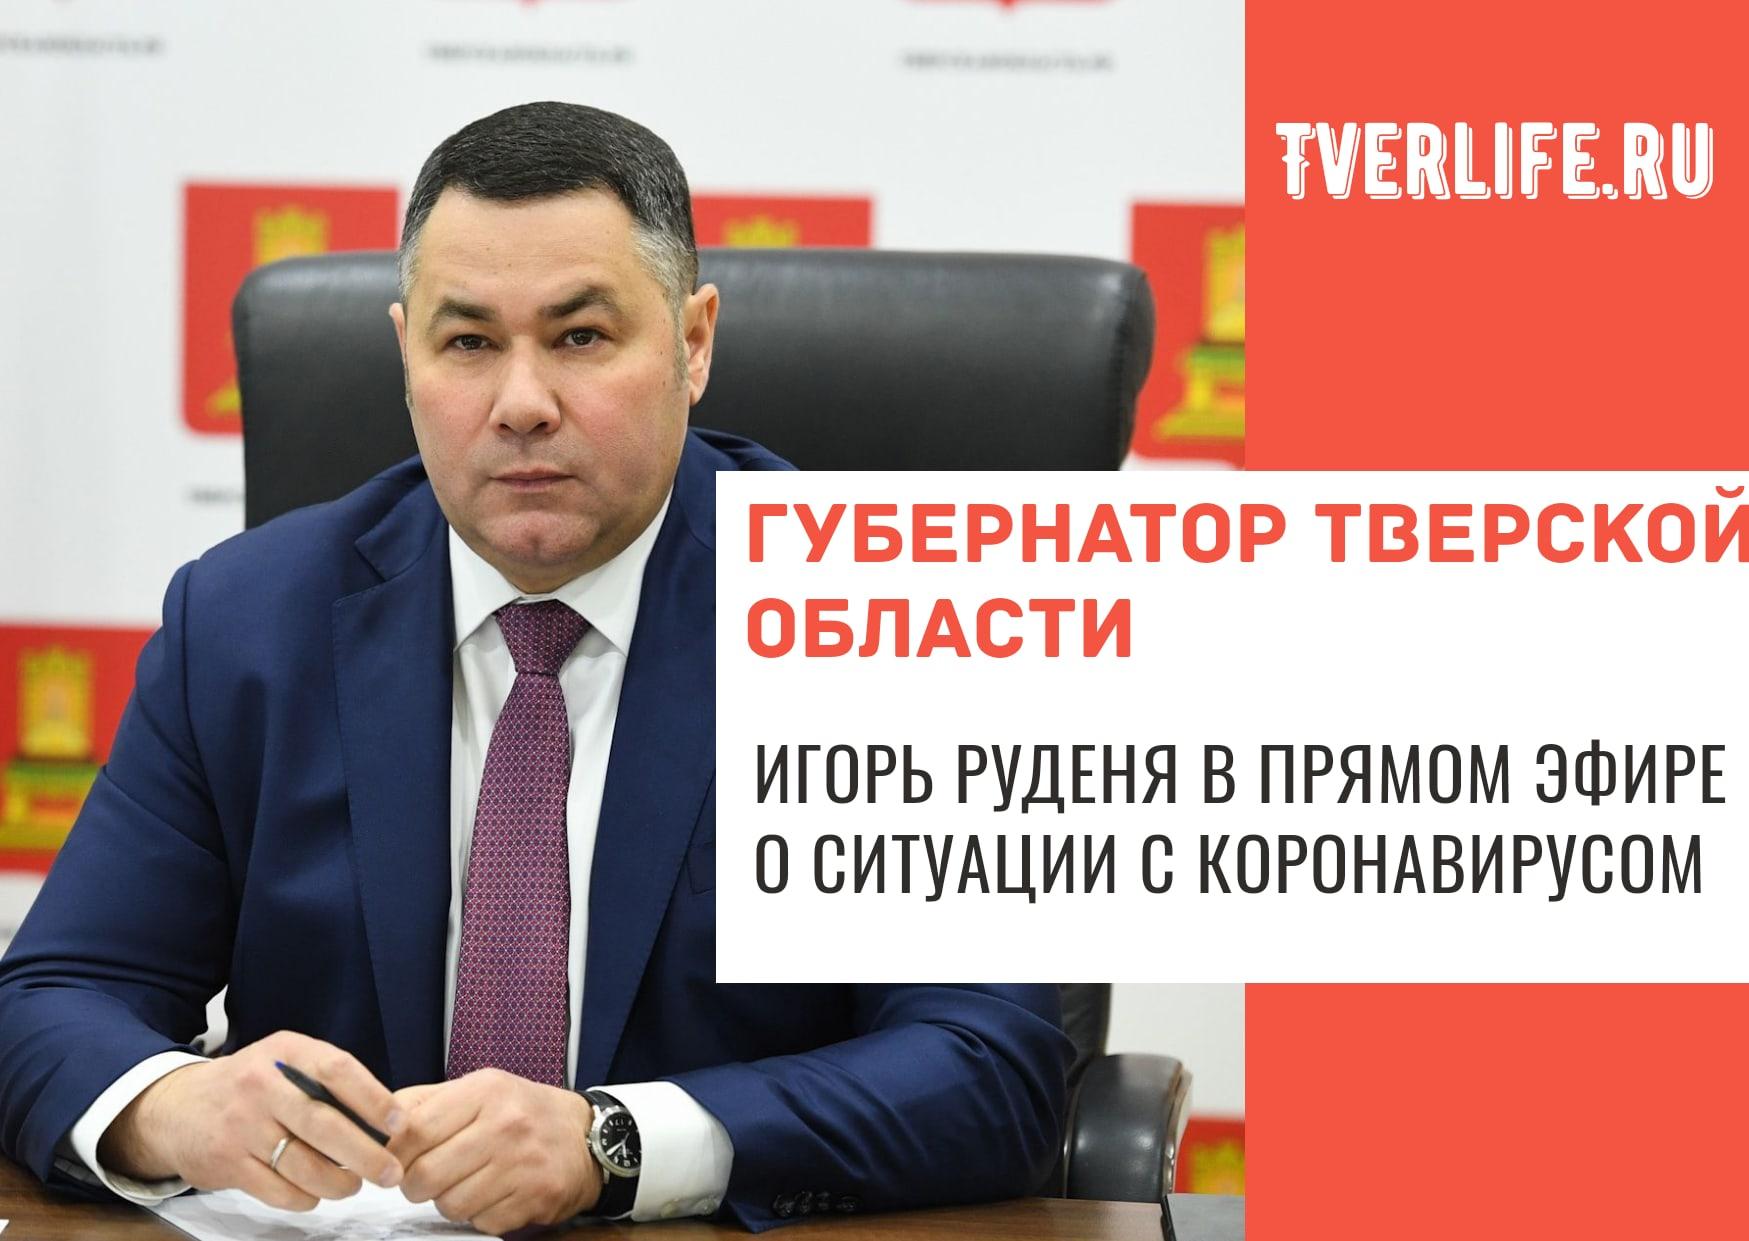 Губернатор в прямом эфире расскажет про бесплатные маски и майские праздники в Тверской области